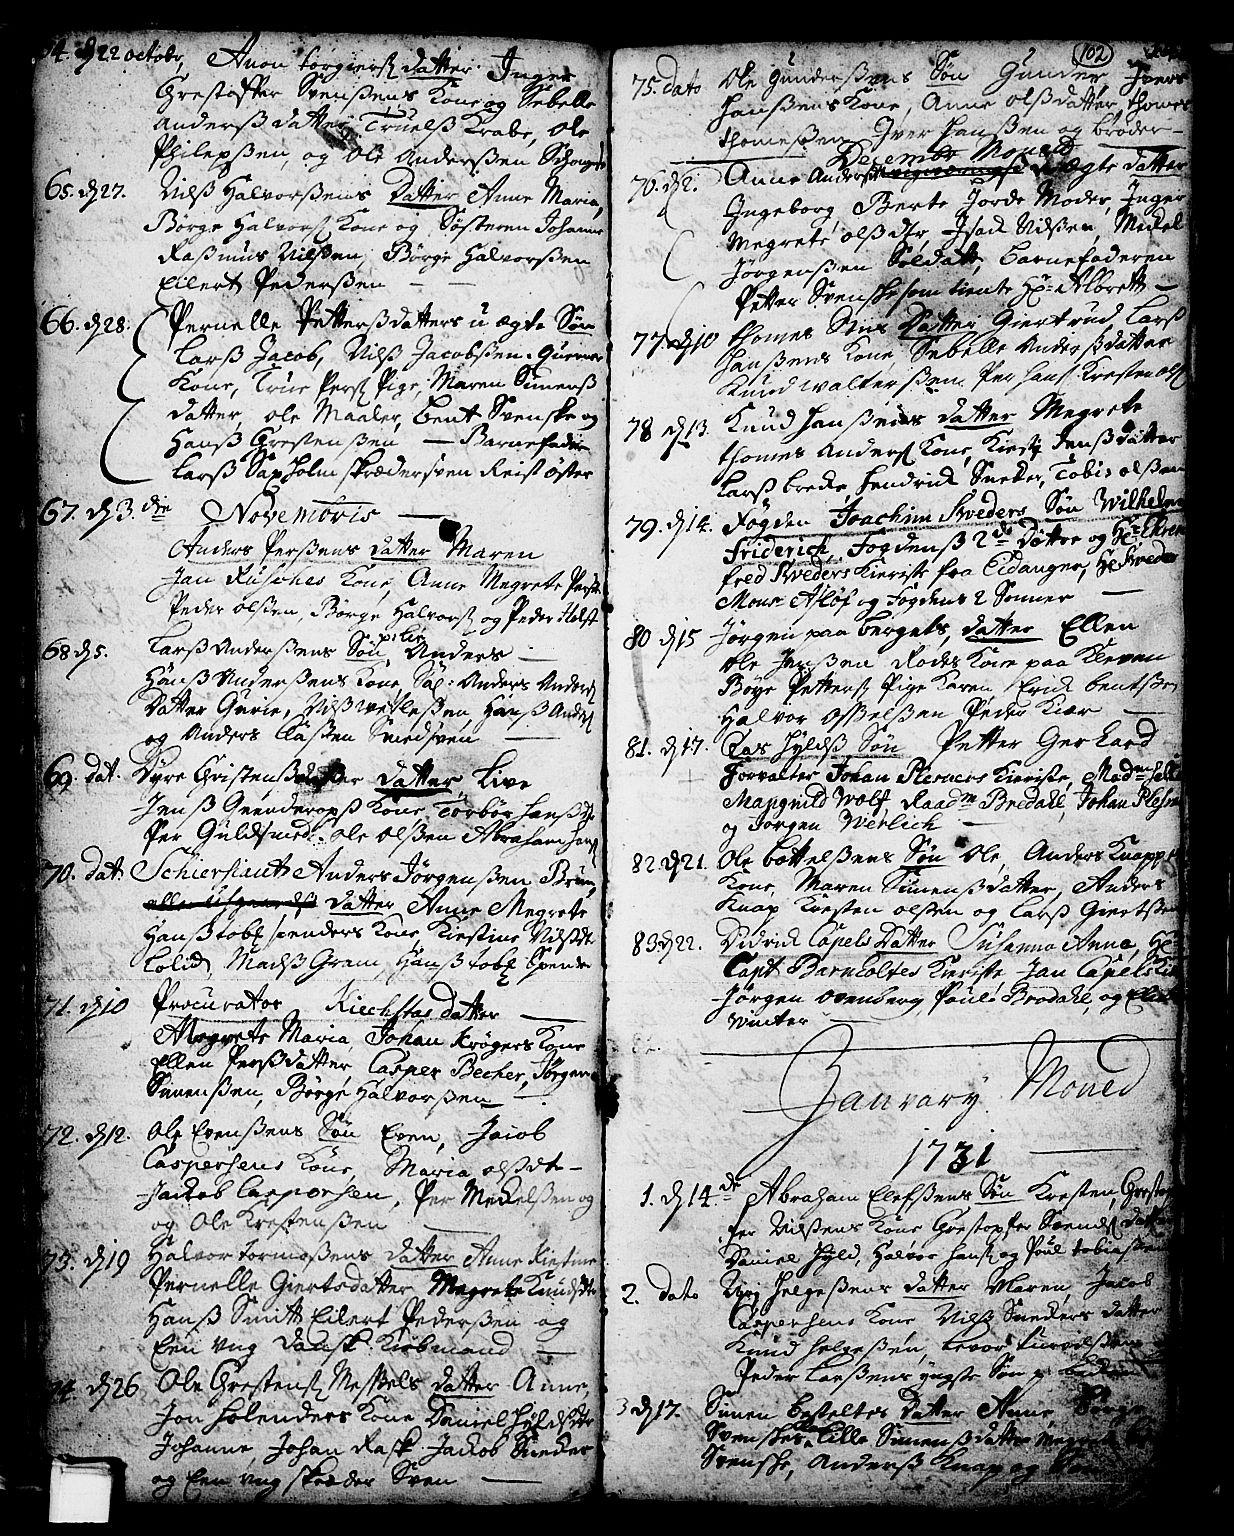 SAKO, Skien kirkebøker, F/Fa/L0002: Ministerialbok nr. 2, 1716-1757, s. 102